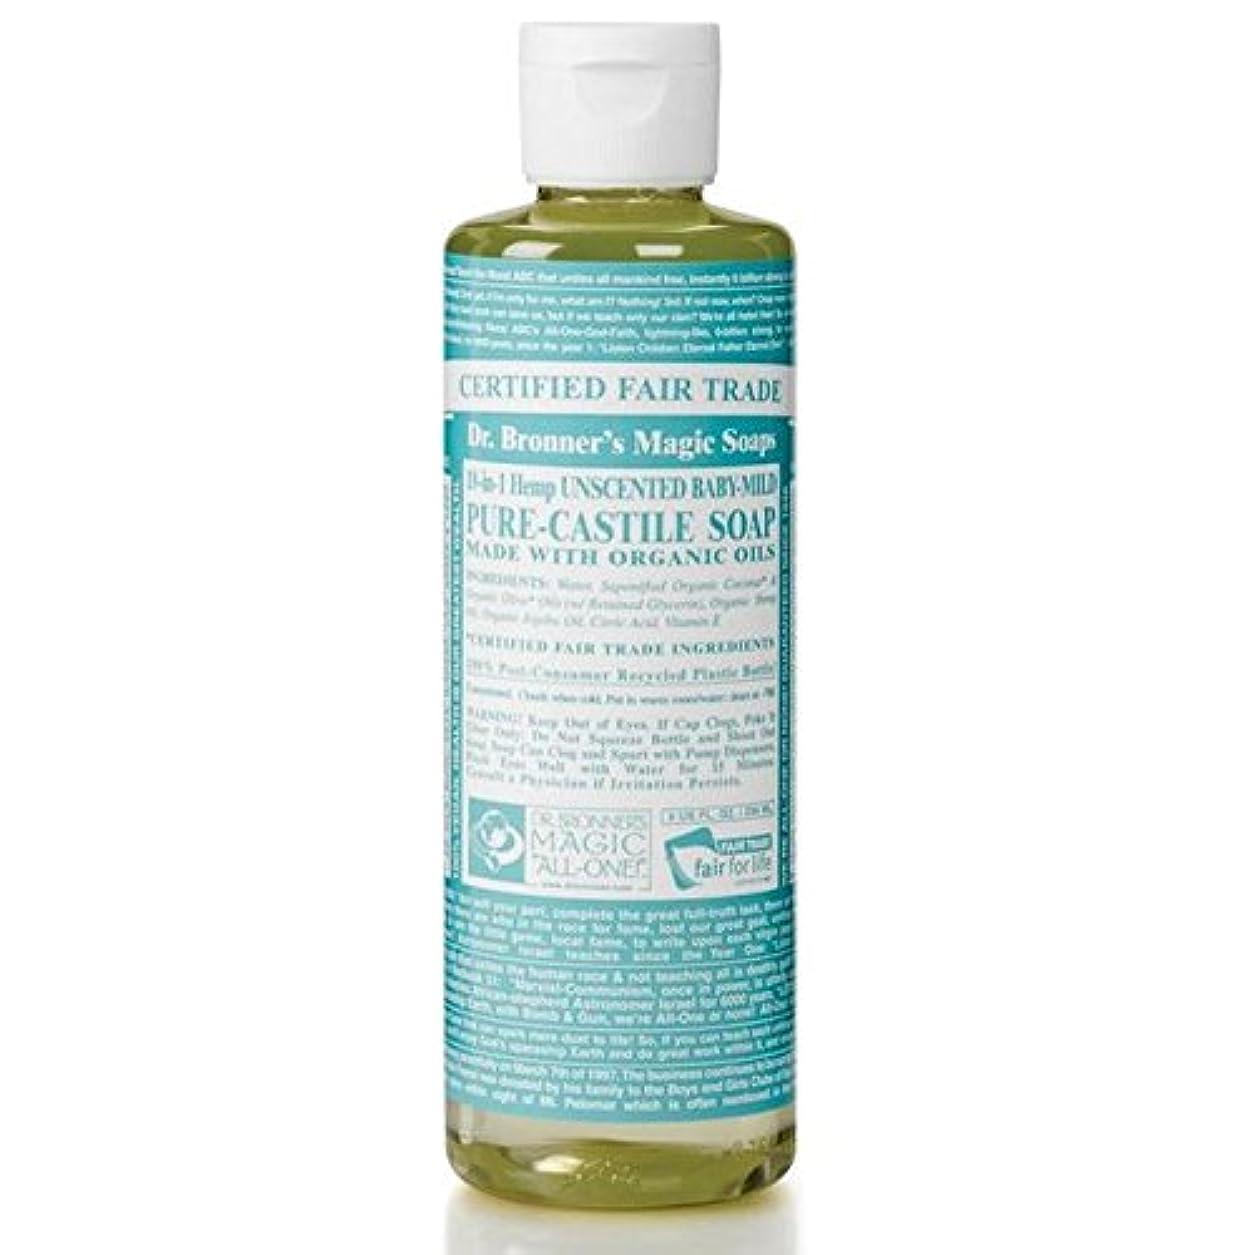 支払うポンドロボットのブロナーオーガニックベビーマイルドなキャスト液体石鹸237ミリリットル x2 - Dr Bronner Organic Baby Mild Cast Liquid Soap 237ml (Pack of 2) [並行輸入品]